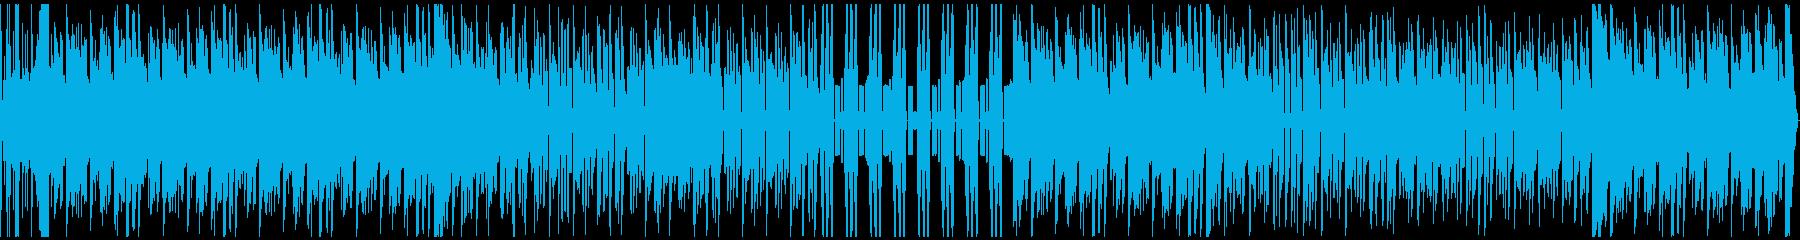 ドライブにぴったりな軽快なEDMの再生済みの波形